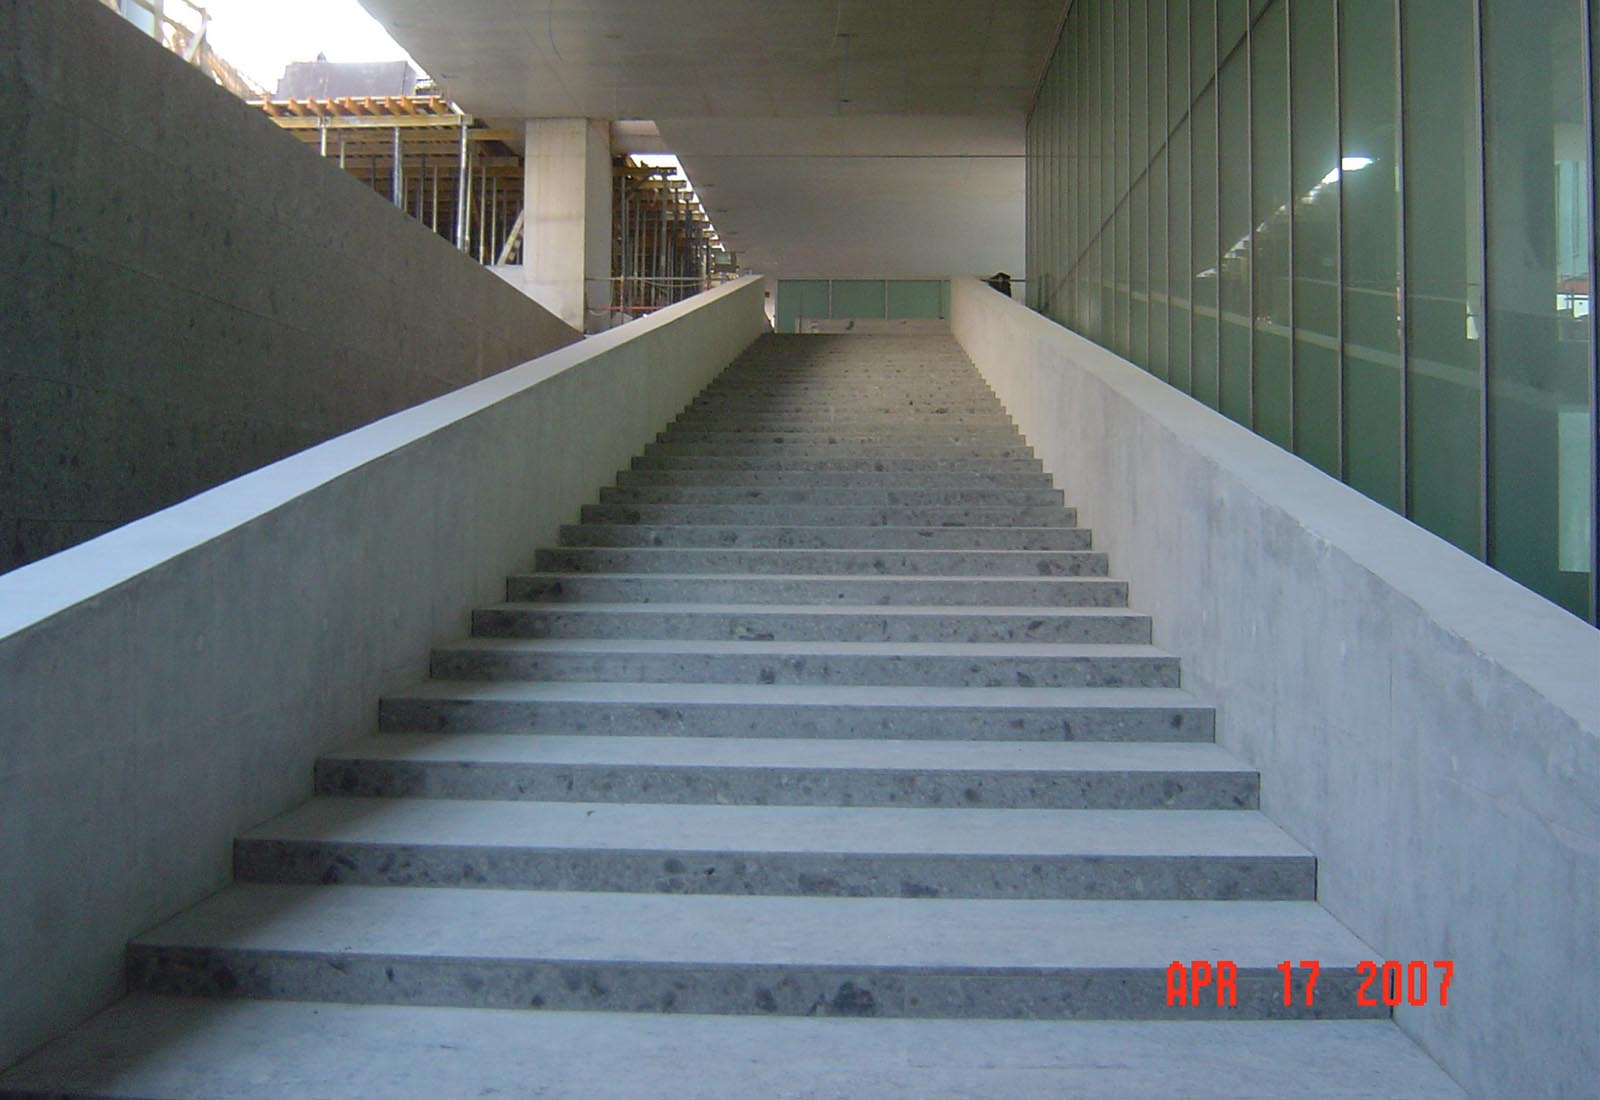 Ampliamento Università Commerciale L. Bocconi a Milano - Il cantiere